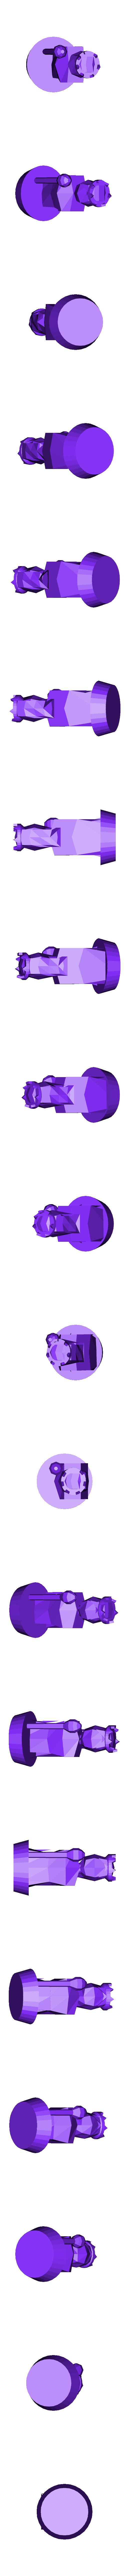 _Queen.stl Télécharger fichier STL gratuit Pièces d'échecs humaines personnalisées de fantaisie • Design pour imprimante 3D, virgilius1995